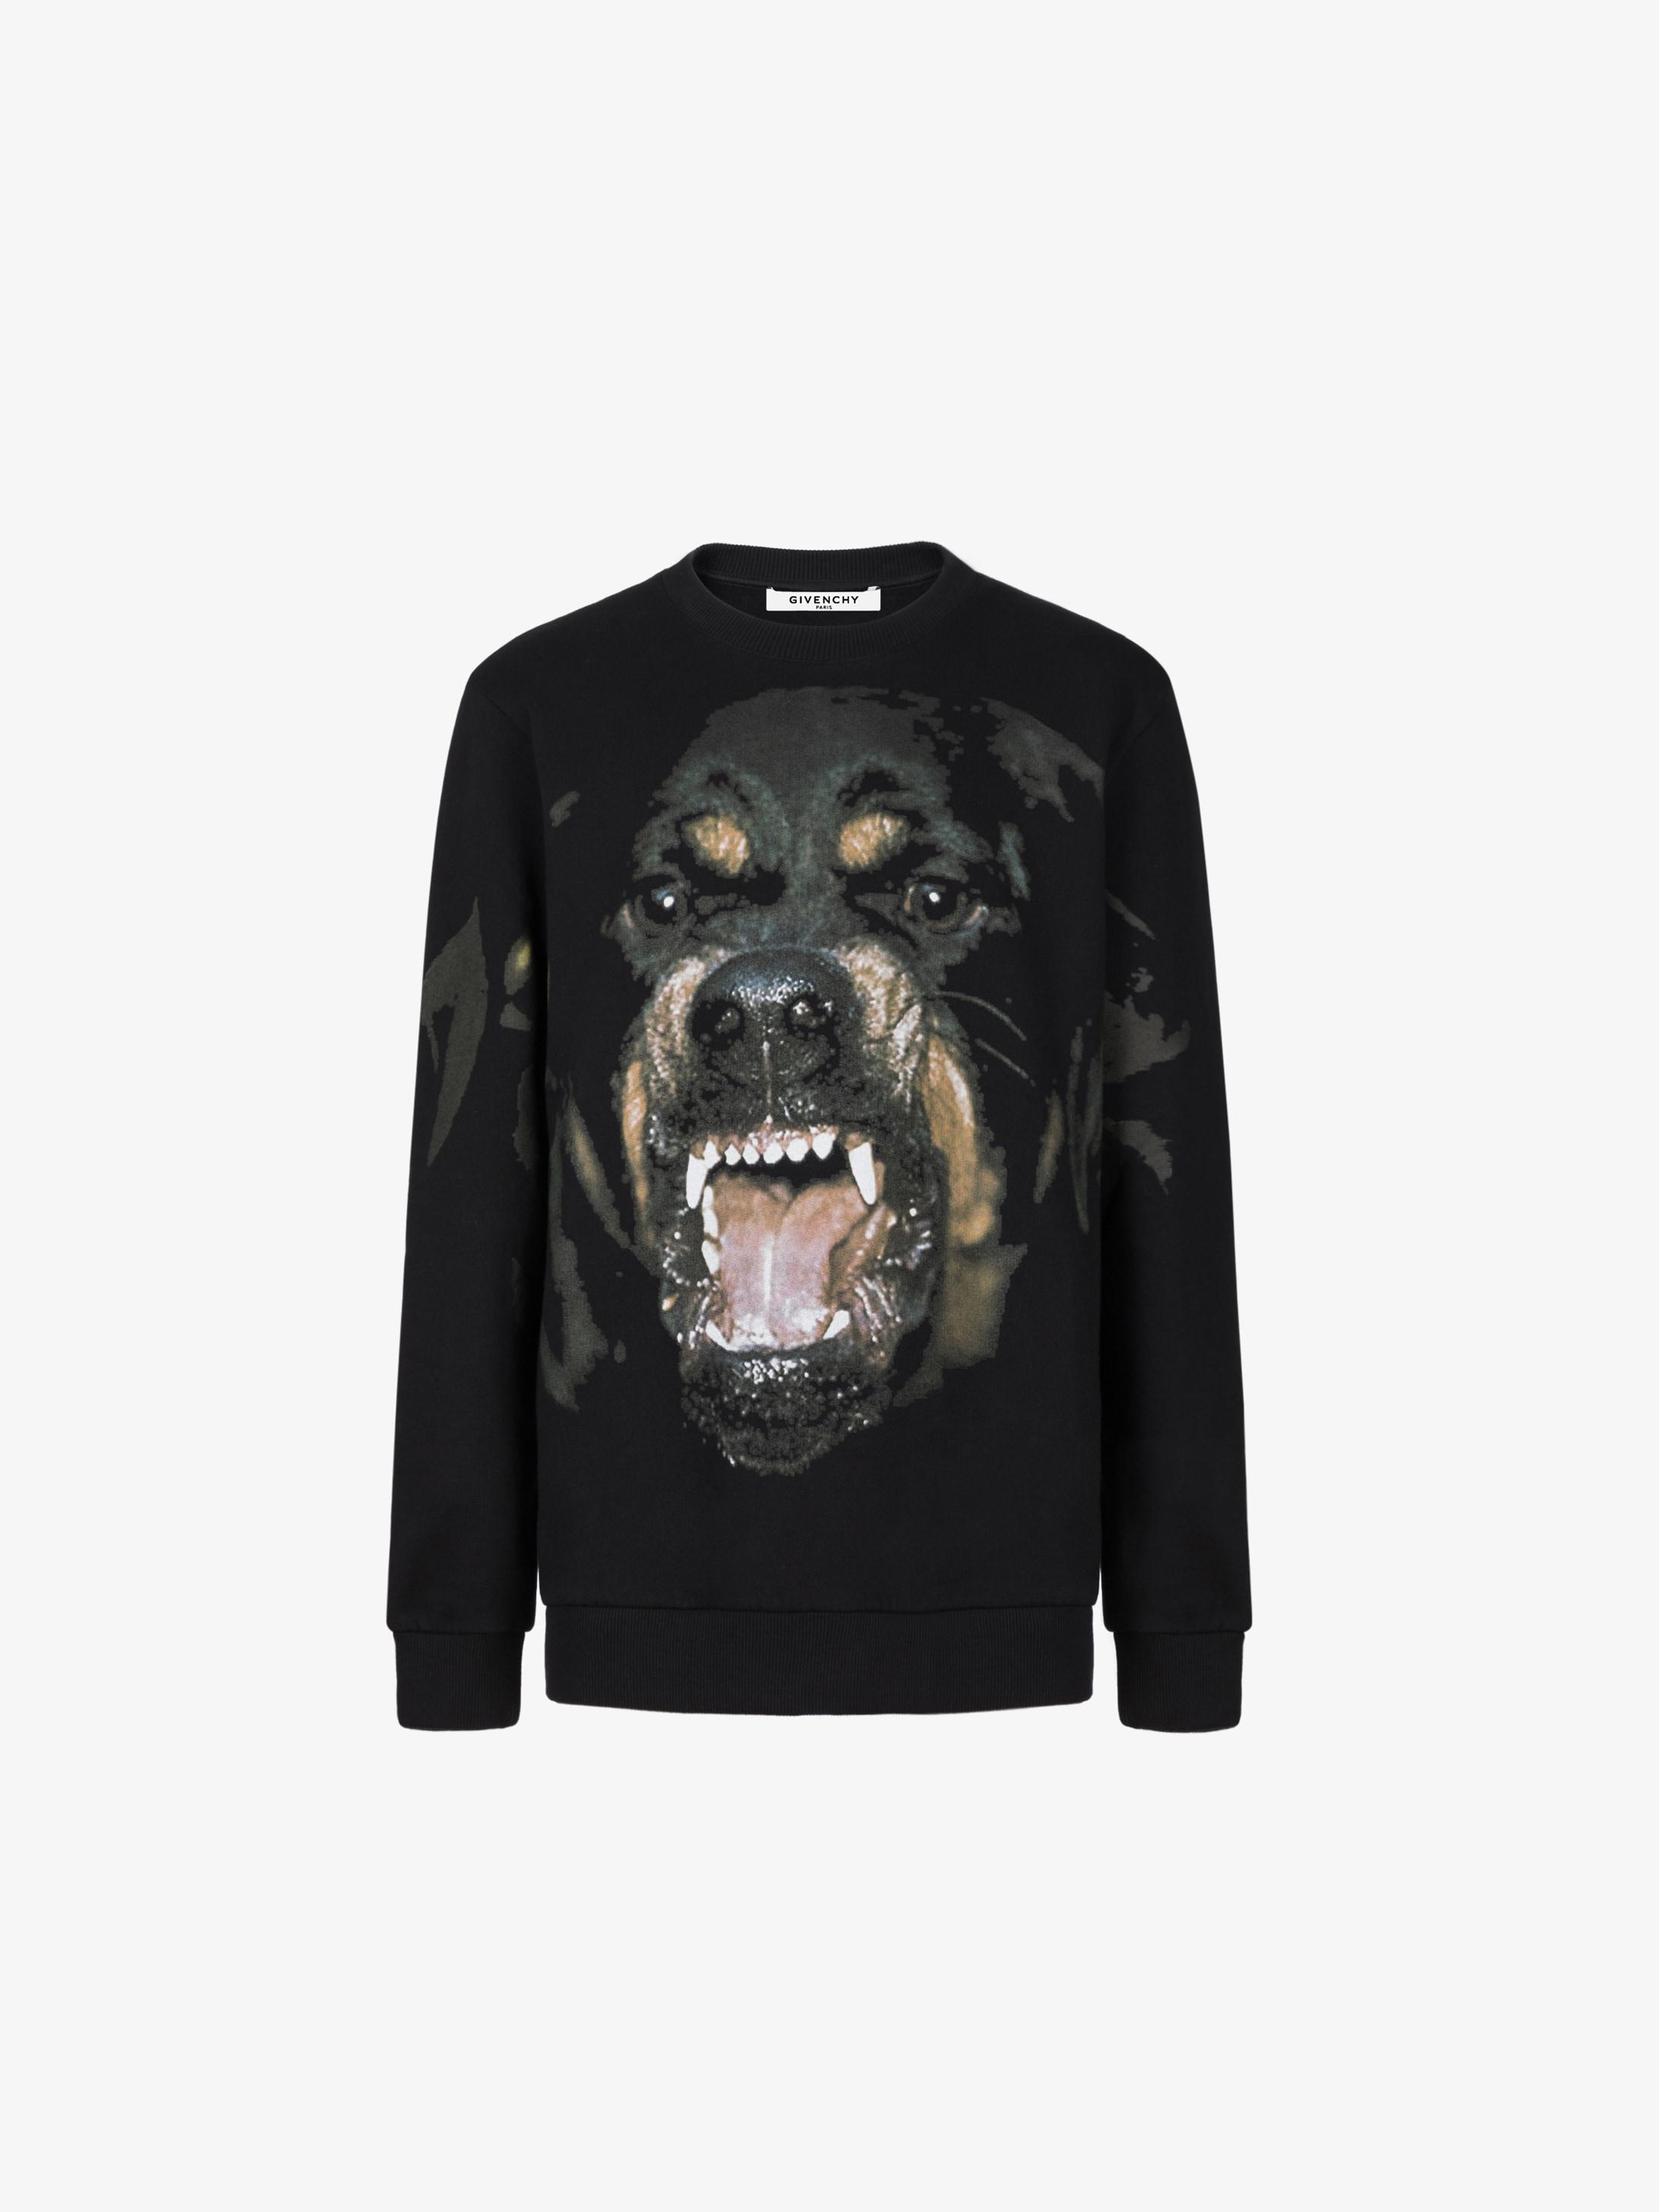 Givenchy Rottweiler printed sweatshirt  210c0fee0f27f